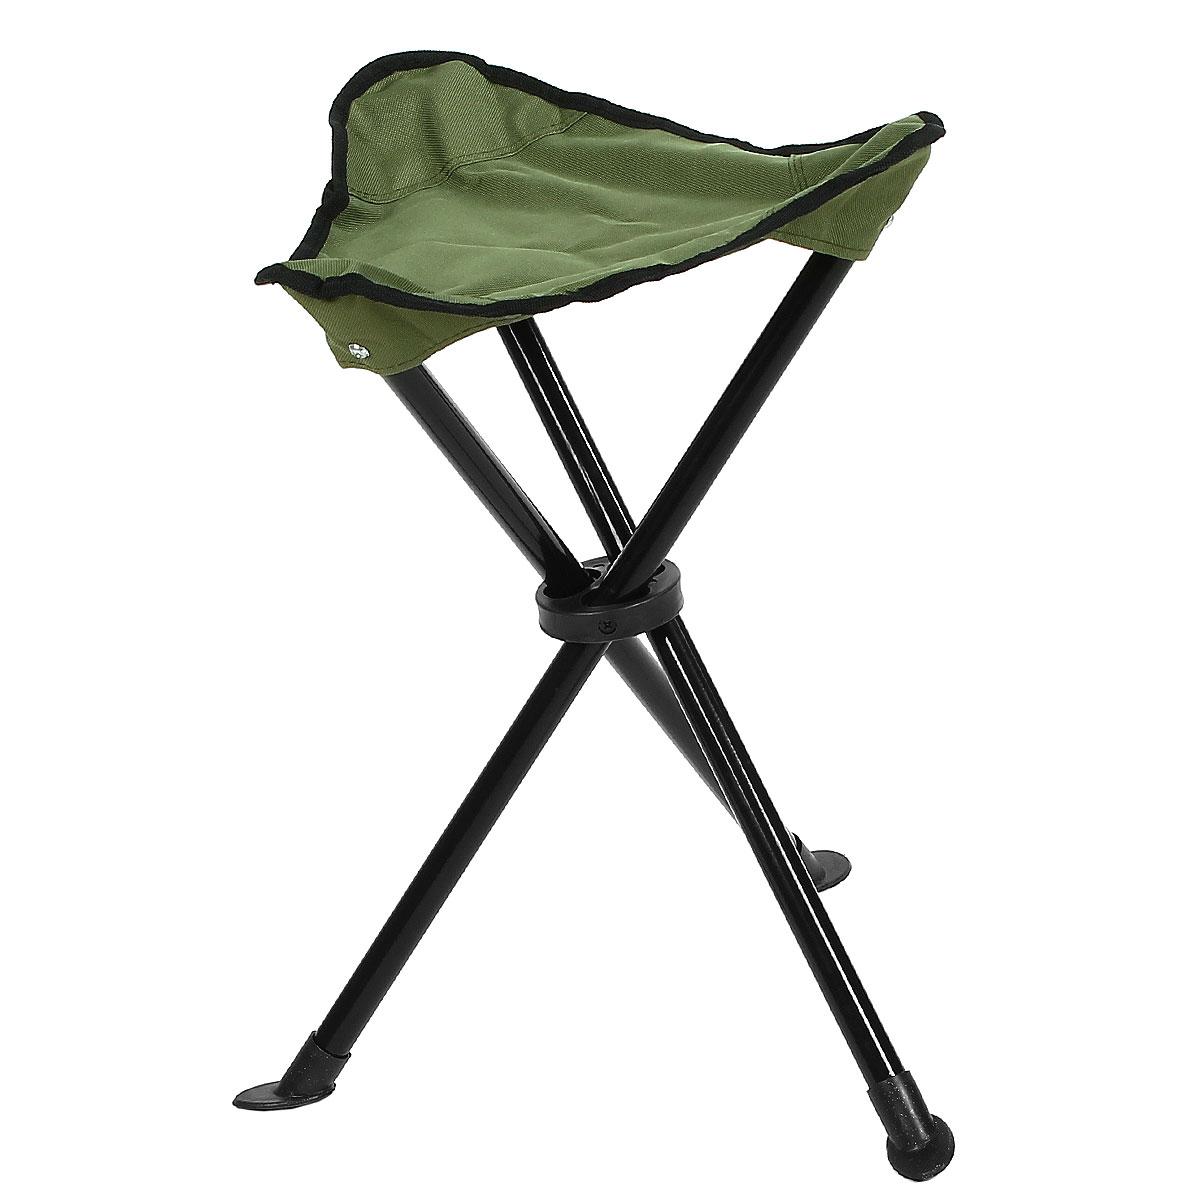 Стул складной на 3-х ножках Happy Camper, цвет: зеленыйЛК-8106Стул складной Happy Camper - это незаменимый предмет походной мебели, очень удобен в эксплуатации. Каркас стула изготовлен из прочного и долговечного алюминиевого сплава, устойчивого к погодным условиям Стул легко собирается и разбирается и не занимает много места, поэтому подходит для транспортировки и хранения дома. Складное кресло прекрасно подойдет для комфортного отдыха на даче или в походе.Материал: 600D ПВХ, каркас - сталь 19 мм.Максимальная нагрузка: 90 кг.